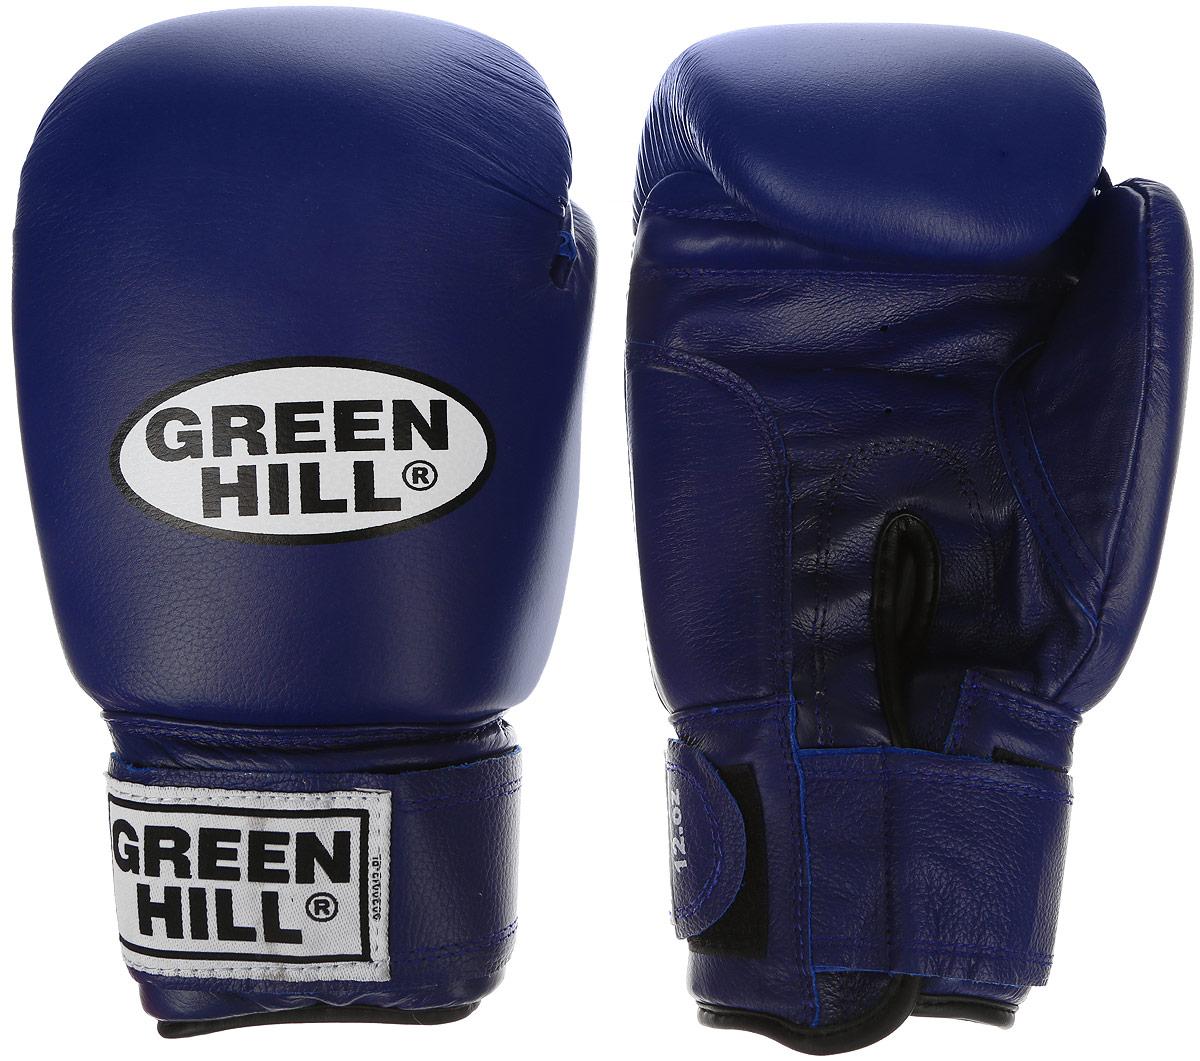 Перчатки боксерские Green Hill Super Star, цвет: синий, белый. Вес 12 унций. BGS-1213сBGG-2018Боксерские перчатки Green Hill Super Star предназначены для использования профессионалами. Подойдут для спаррингов и соревнований. Верх выполнен из натуральной кожи, наполнитель - из вспененного полимера. Отверстие в области ладони позволяет создать максимально комфортный терморежим во время занятий. Манжет на липучке способствует быстрому и удобному надеванию перчаток, плотно фиксирует перчатки на руке.